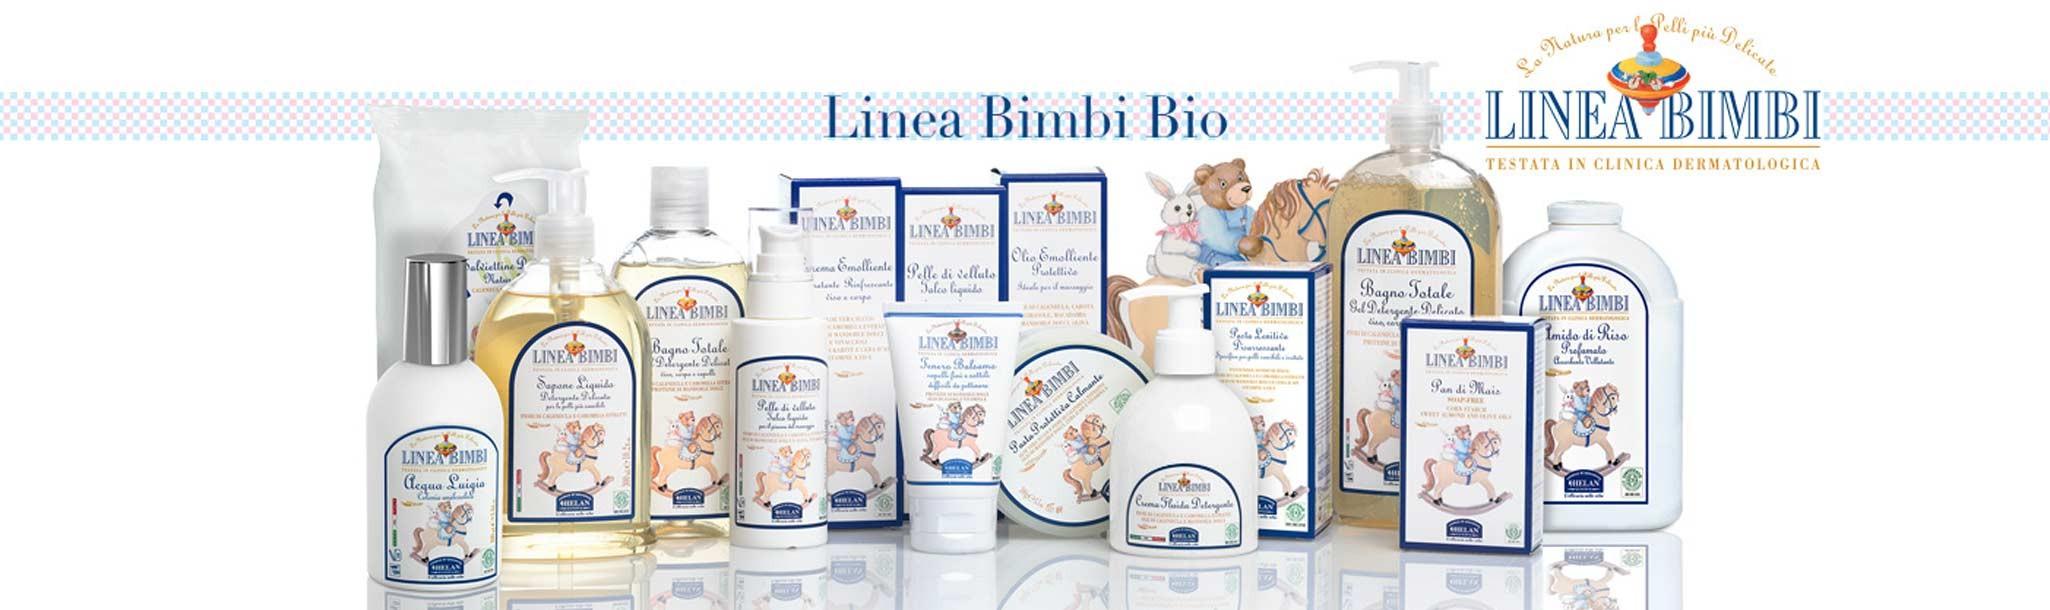 HELAN è una delle prime aziende Italiane specializzate nella formulazione e produzione di Cosmetici Naturali.